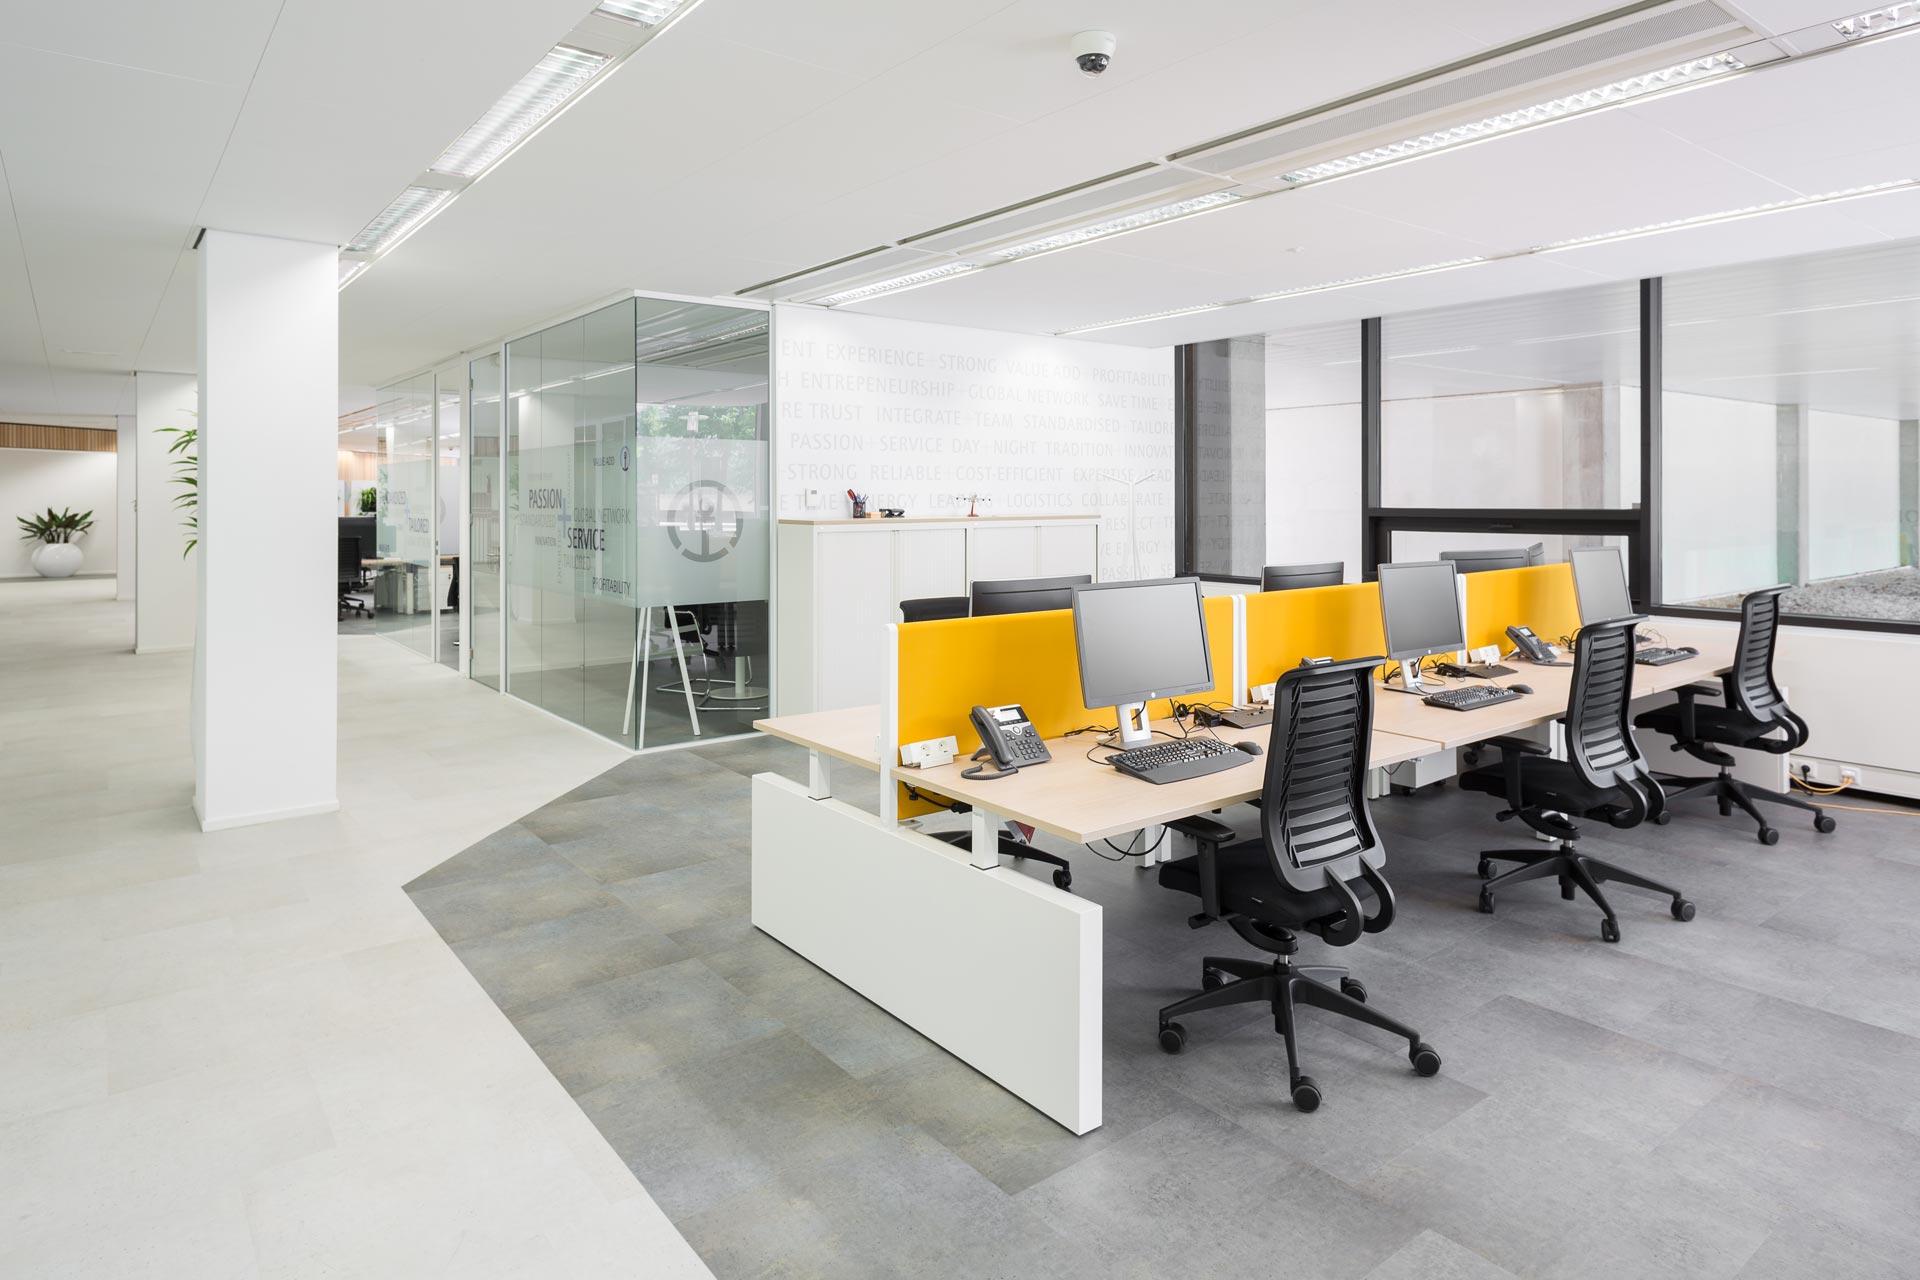 De lichtgrijze pvc-vloerafwerking in betonlook zorgt voor lichte, open uitstraling